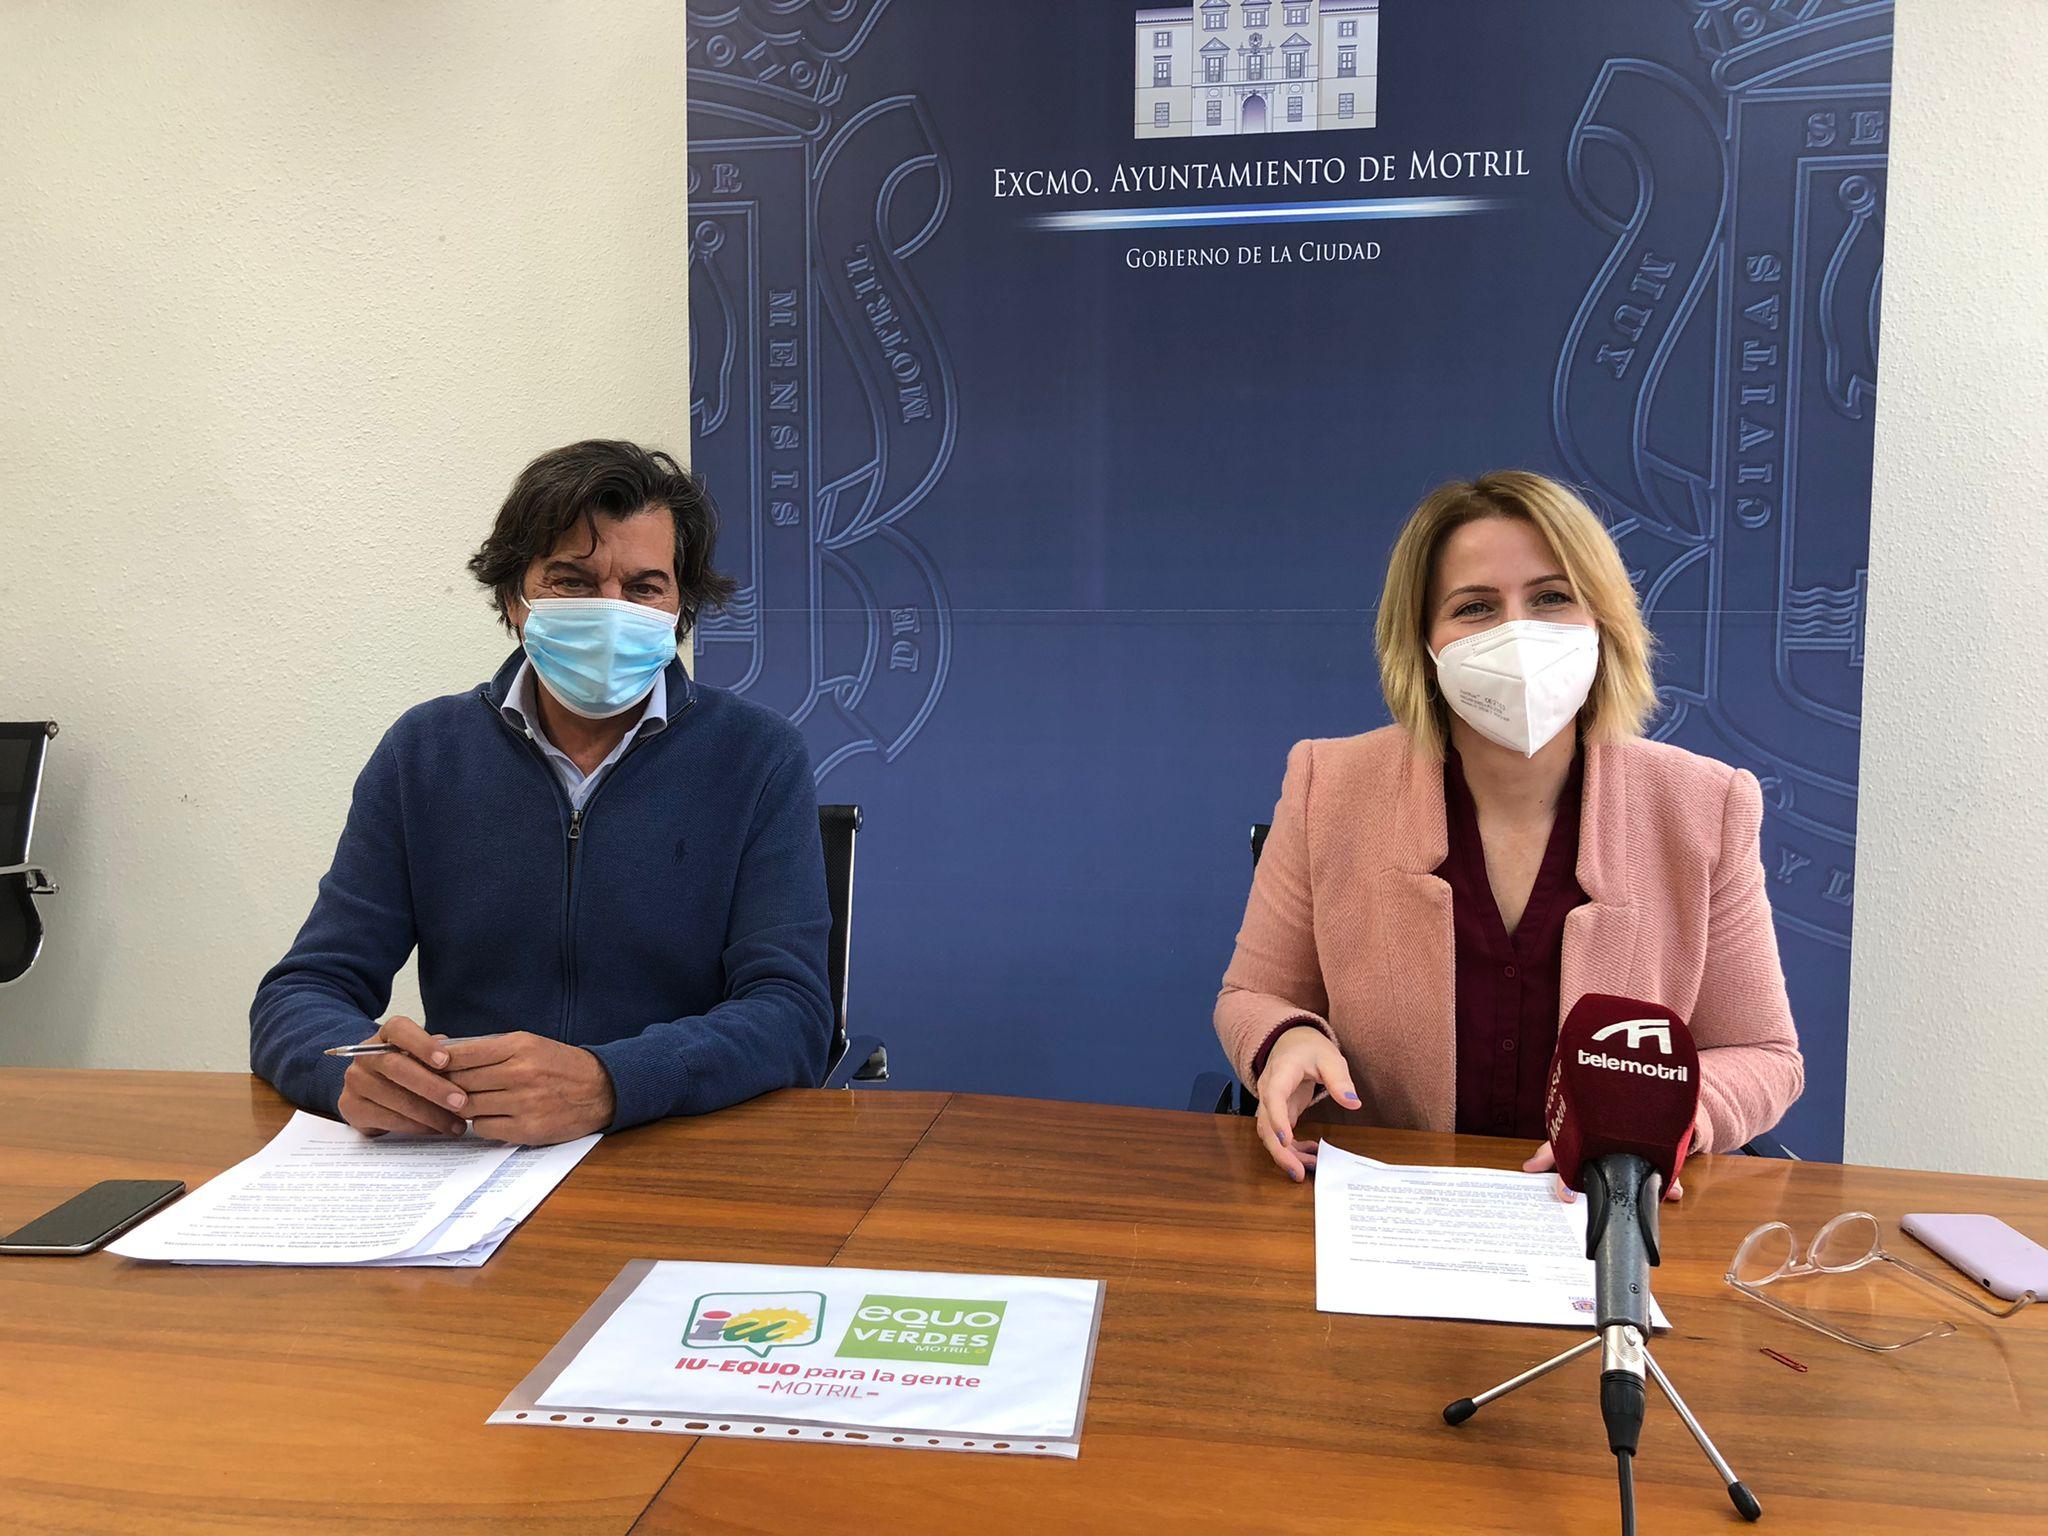 IU-Equo pide cambiar los criterios de selección en las convocatorias municipales de empleo temporal de Motril